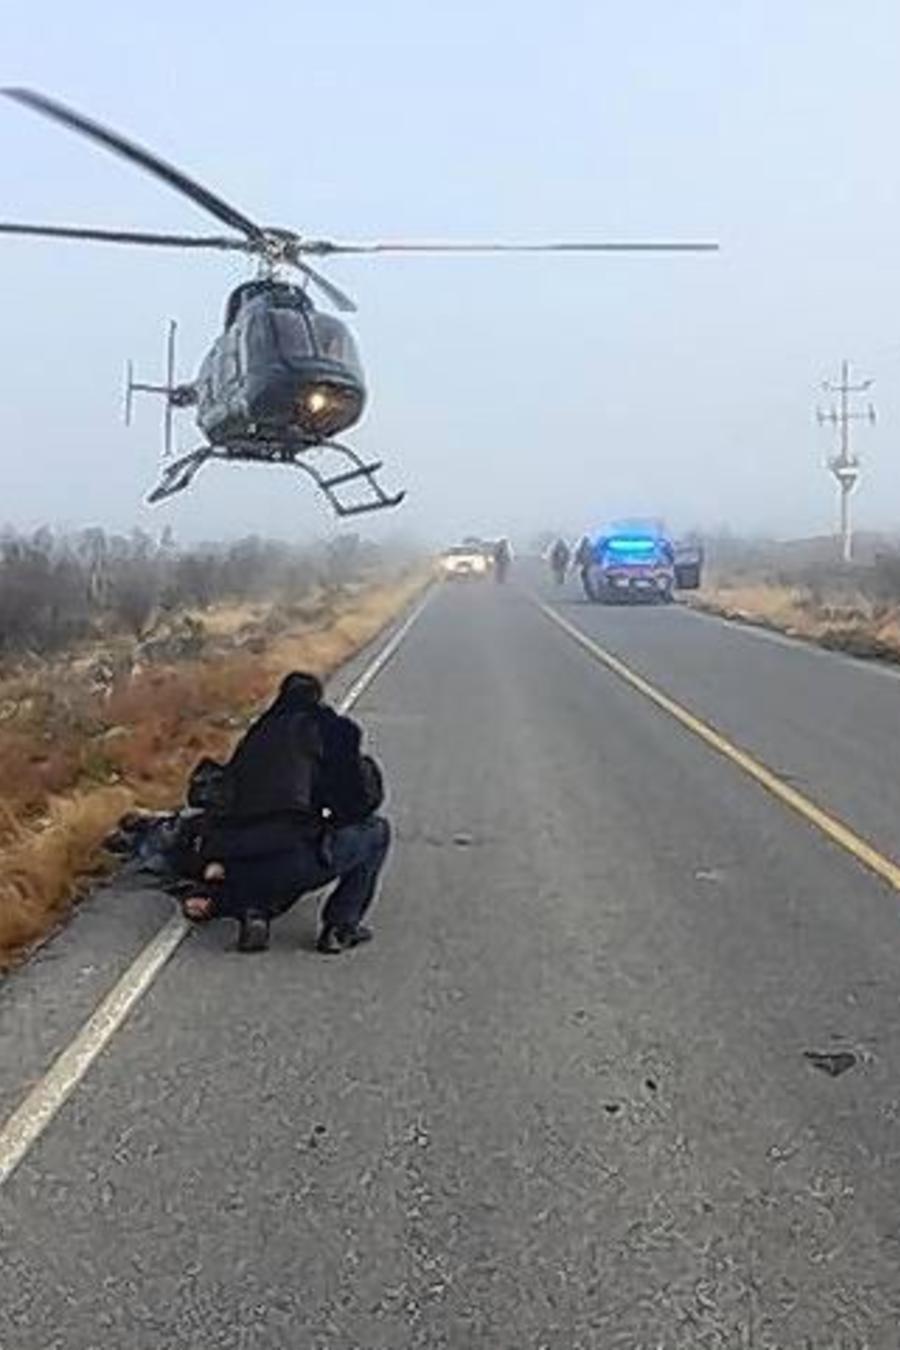 Autoridades asisten a uno de los miembros de la familia de Illinois que resultó herido durante la emboscada en Zacatecas, México.